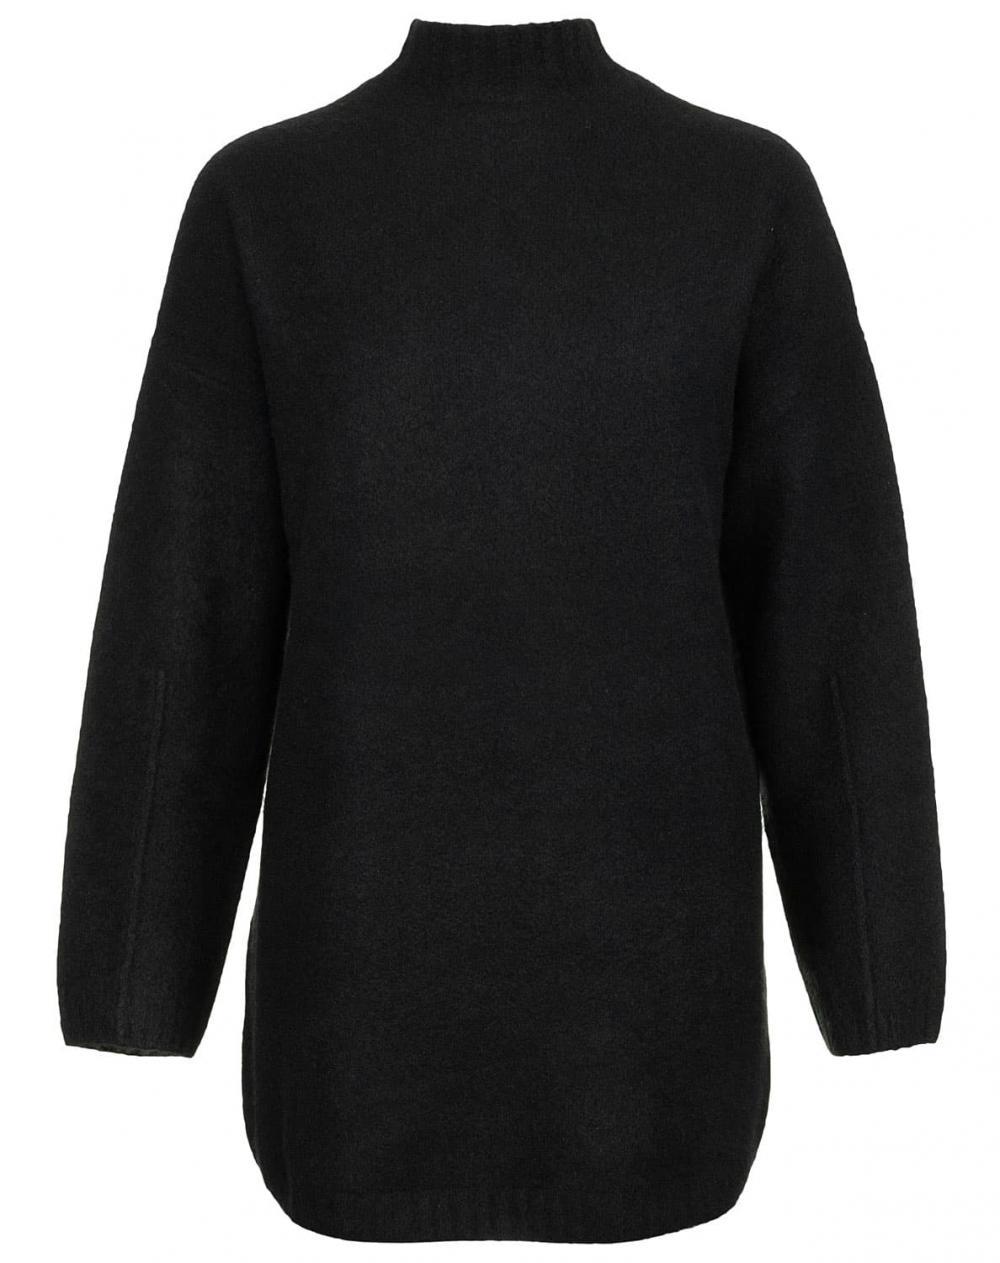 Pullover Hetty